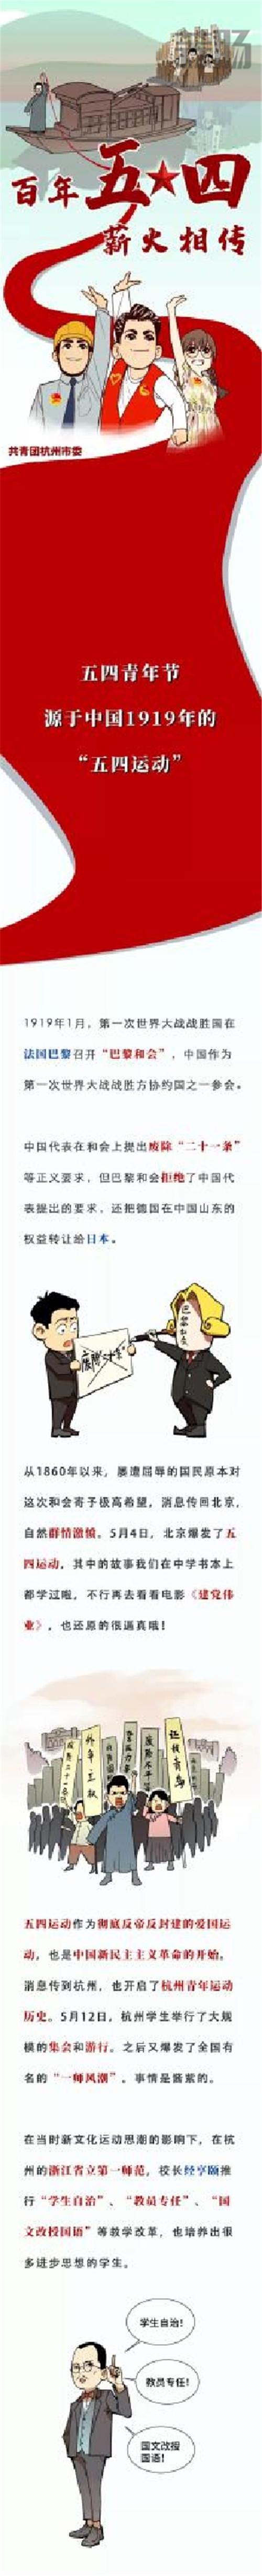 一张漫画看百年前的杭州青年 漫展 第1张